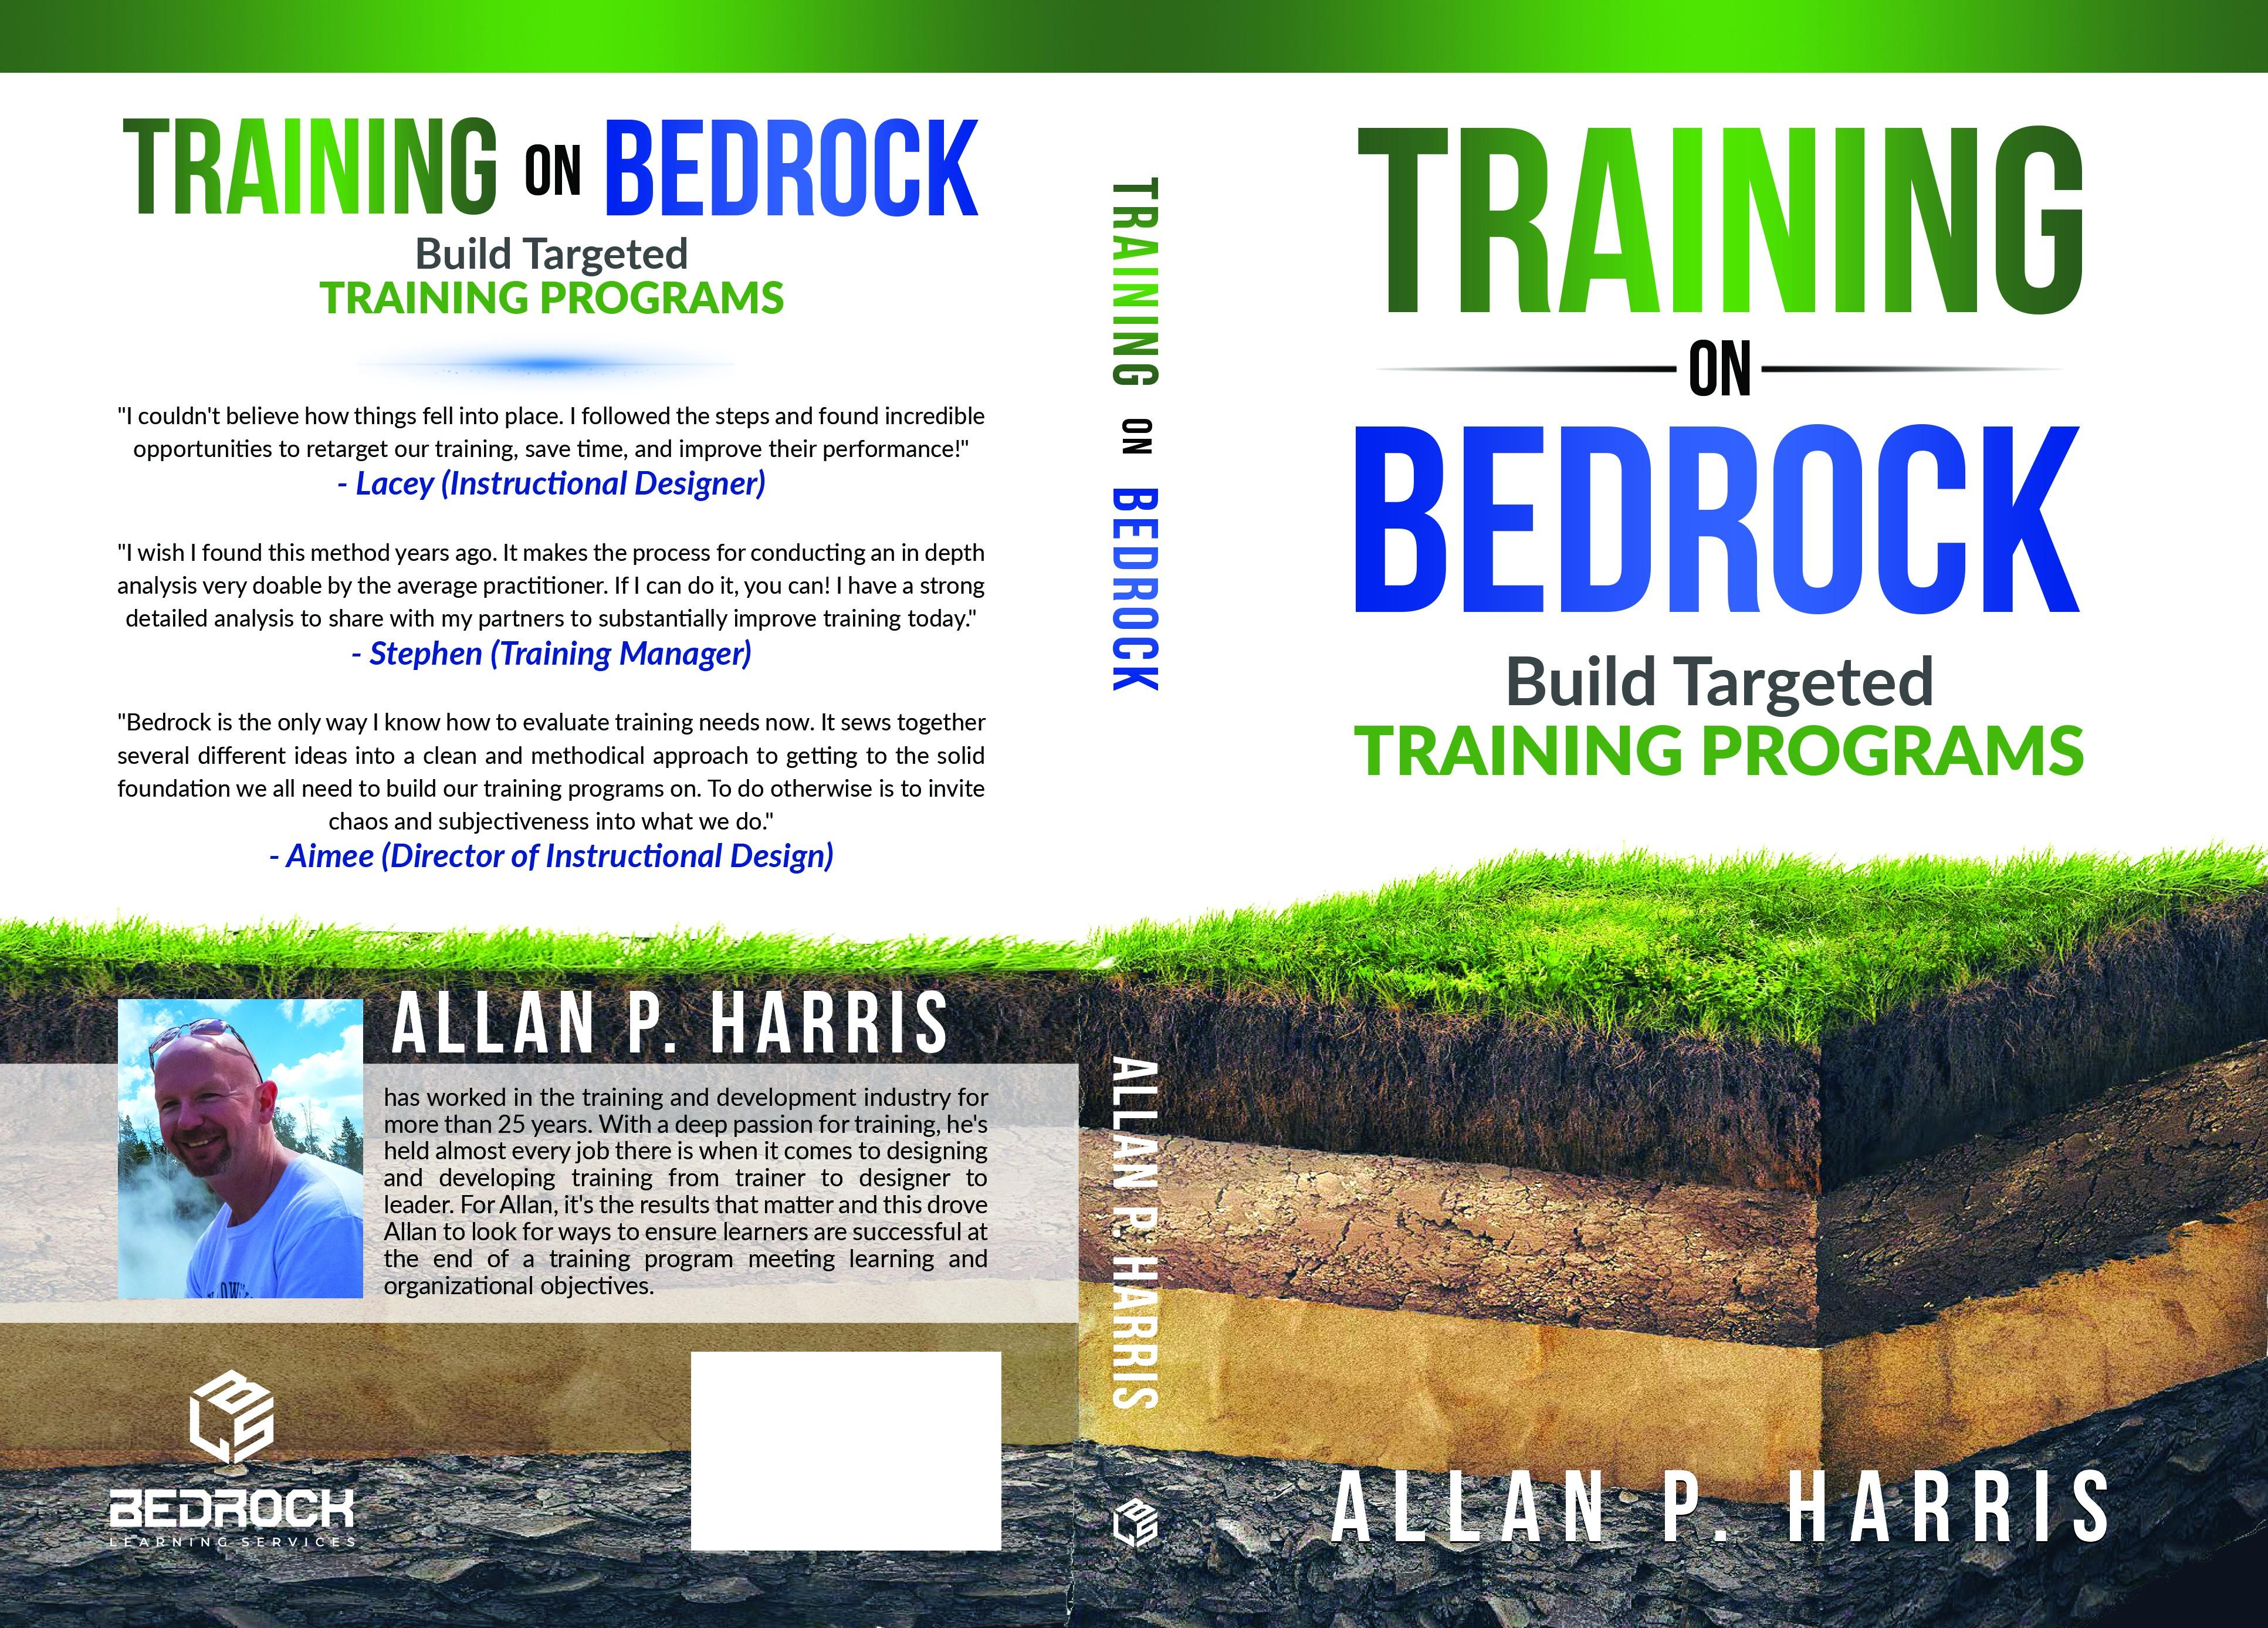 Book cover design for niche corporate training market